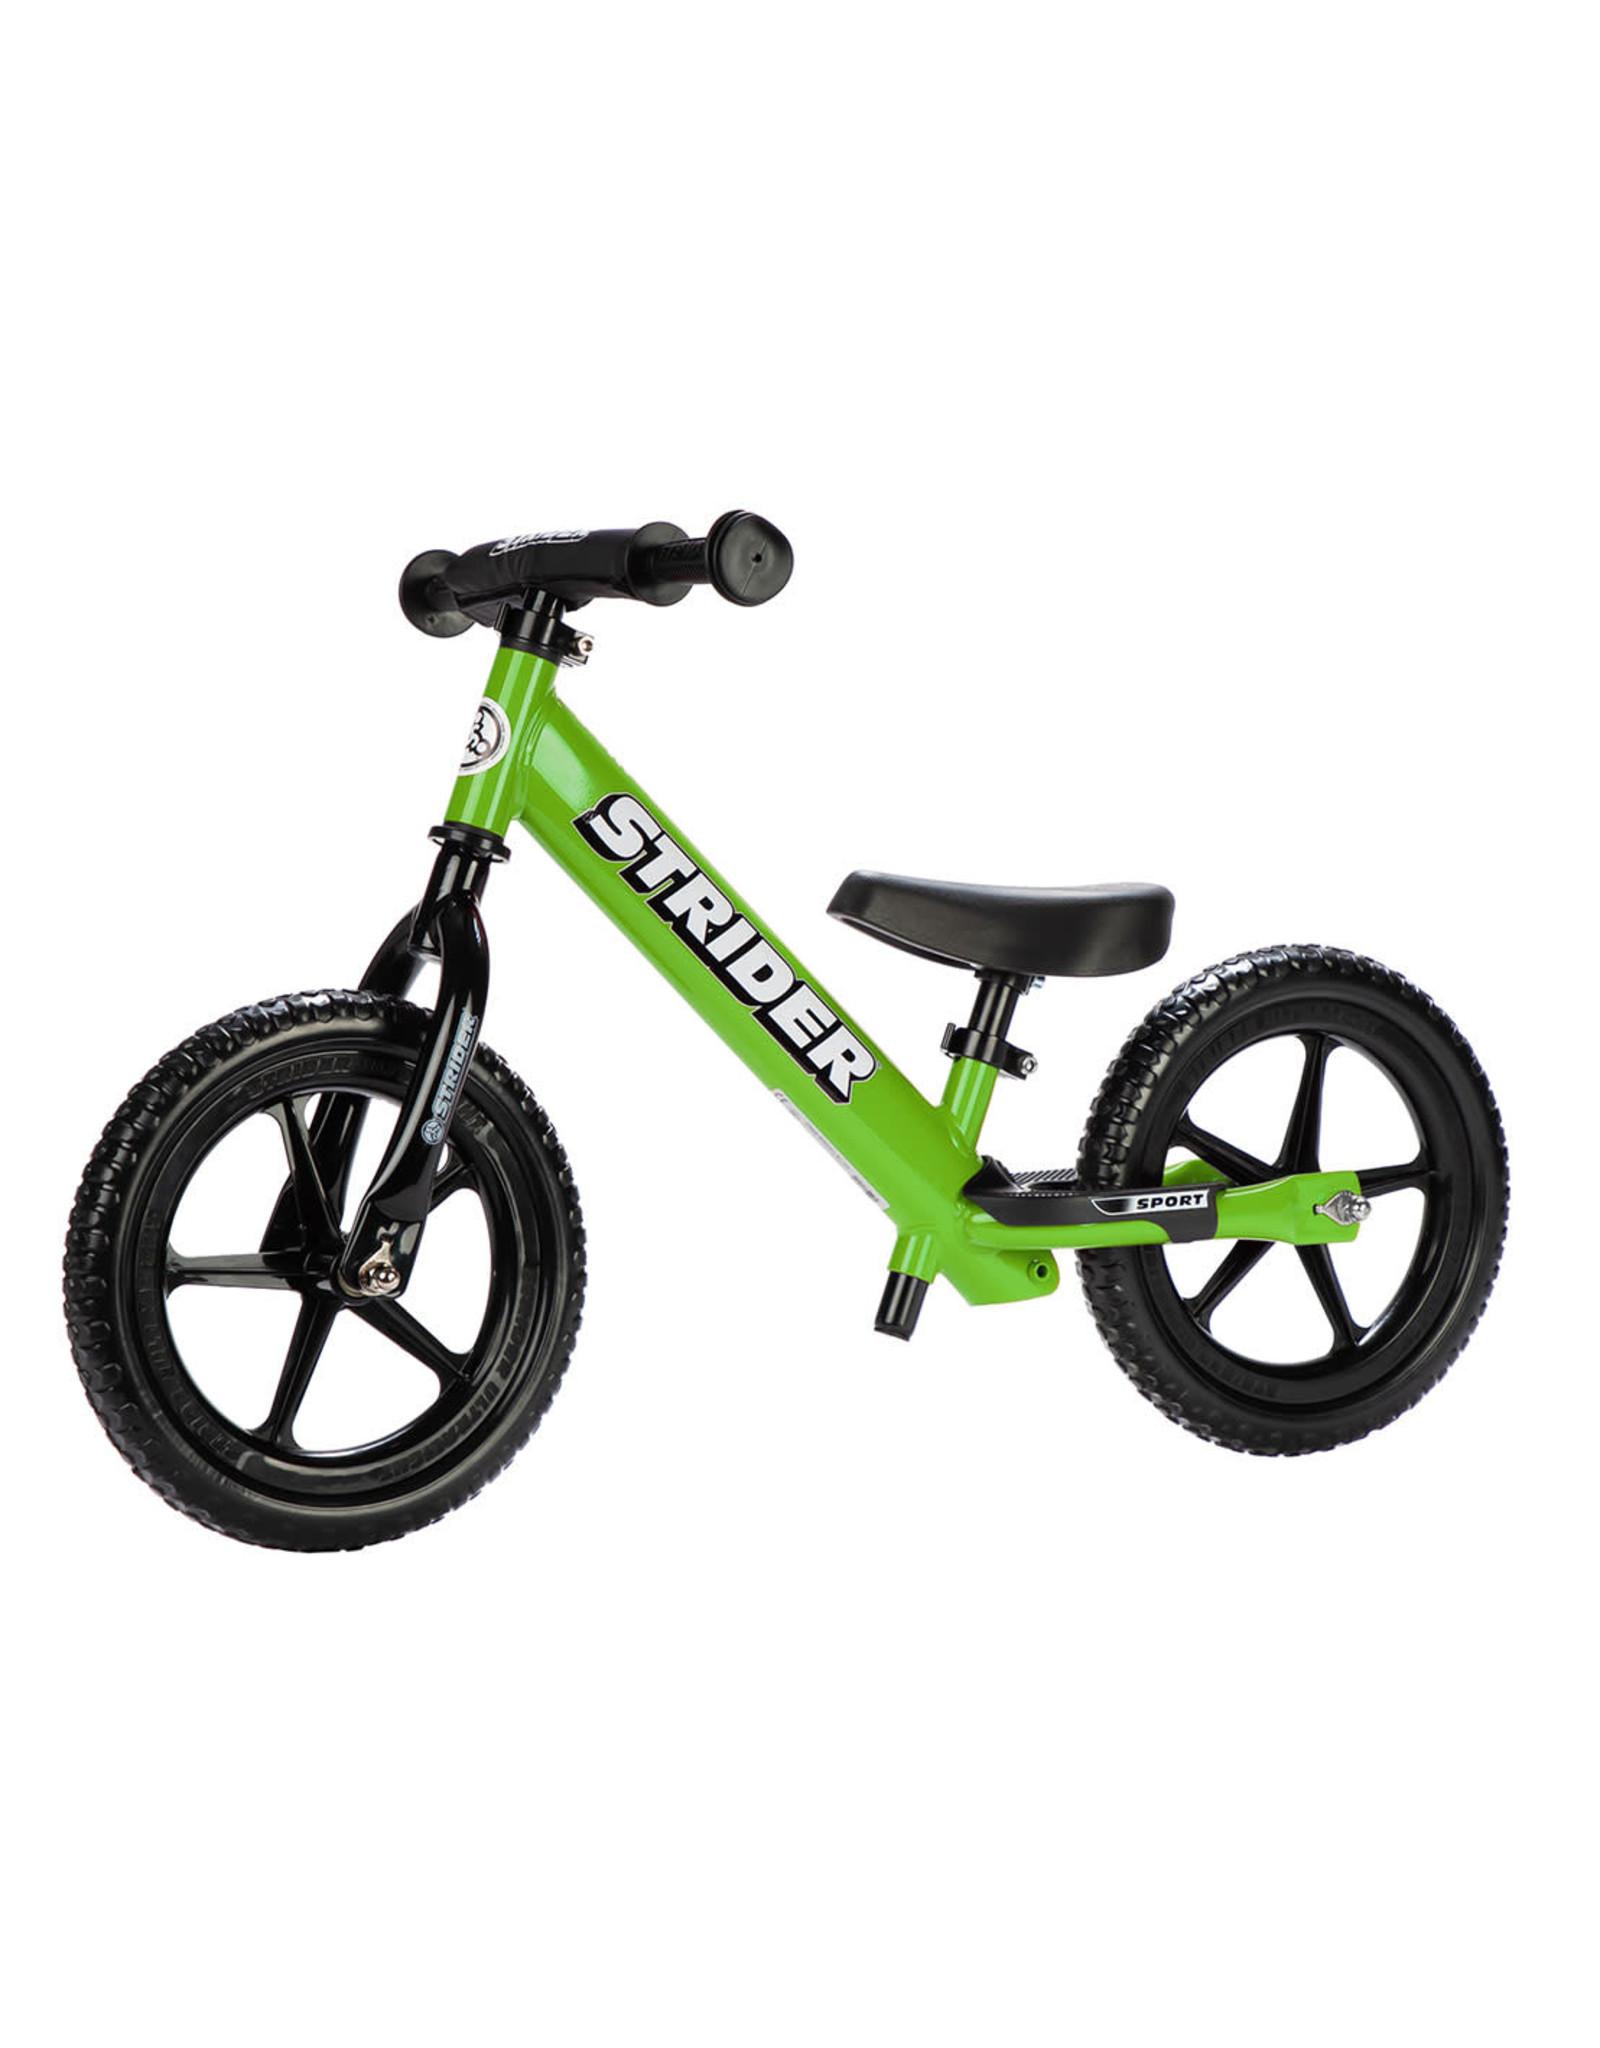 STRIDER Strider 12 Sport Balance Bike